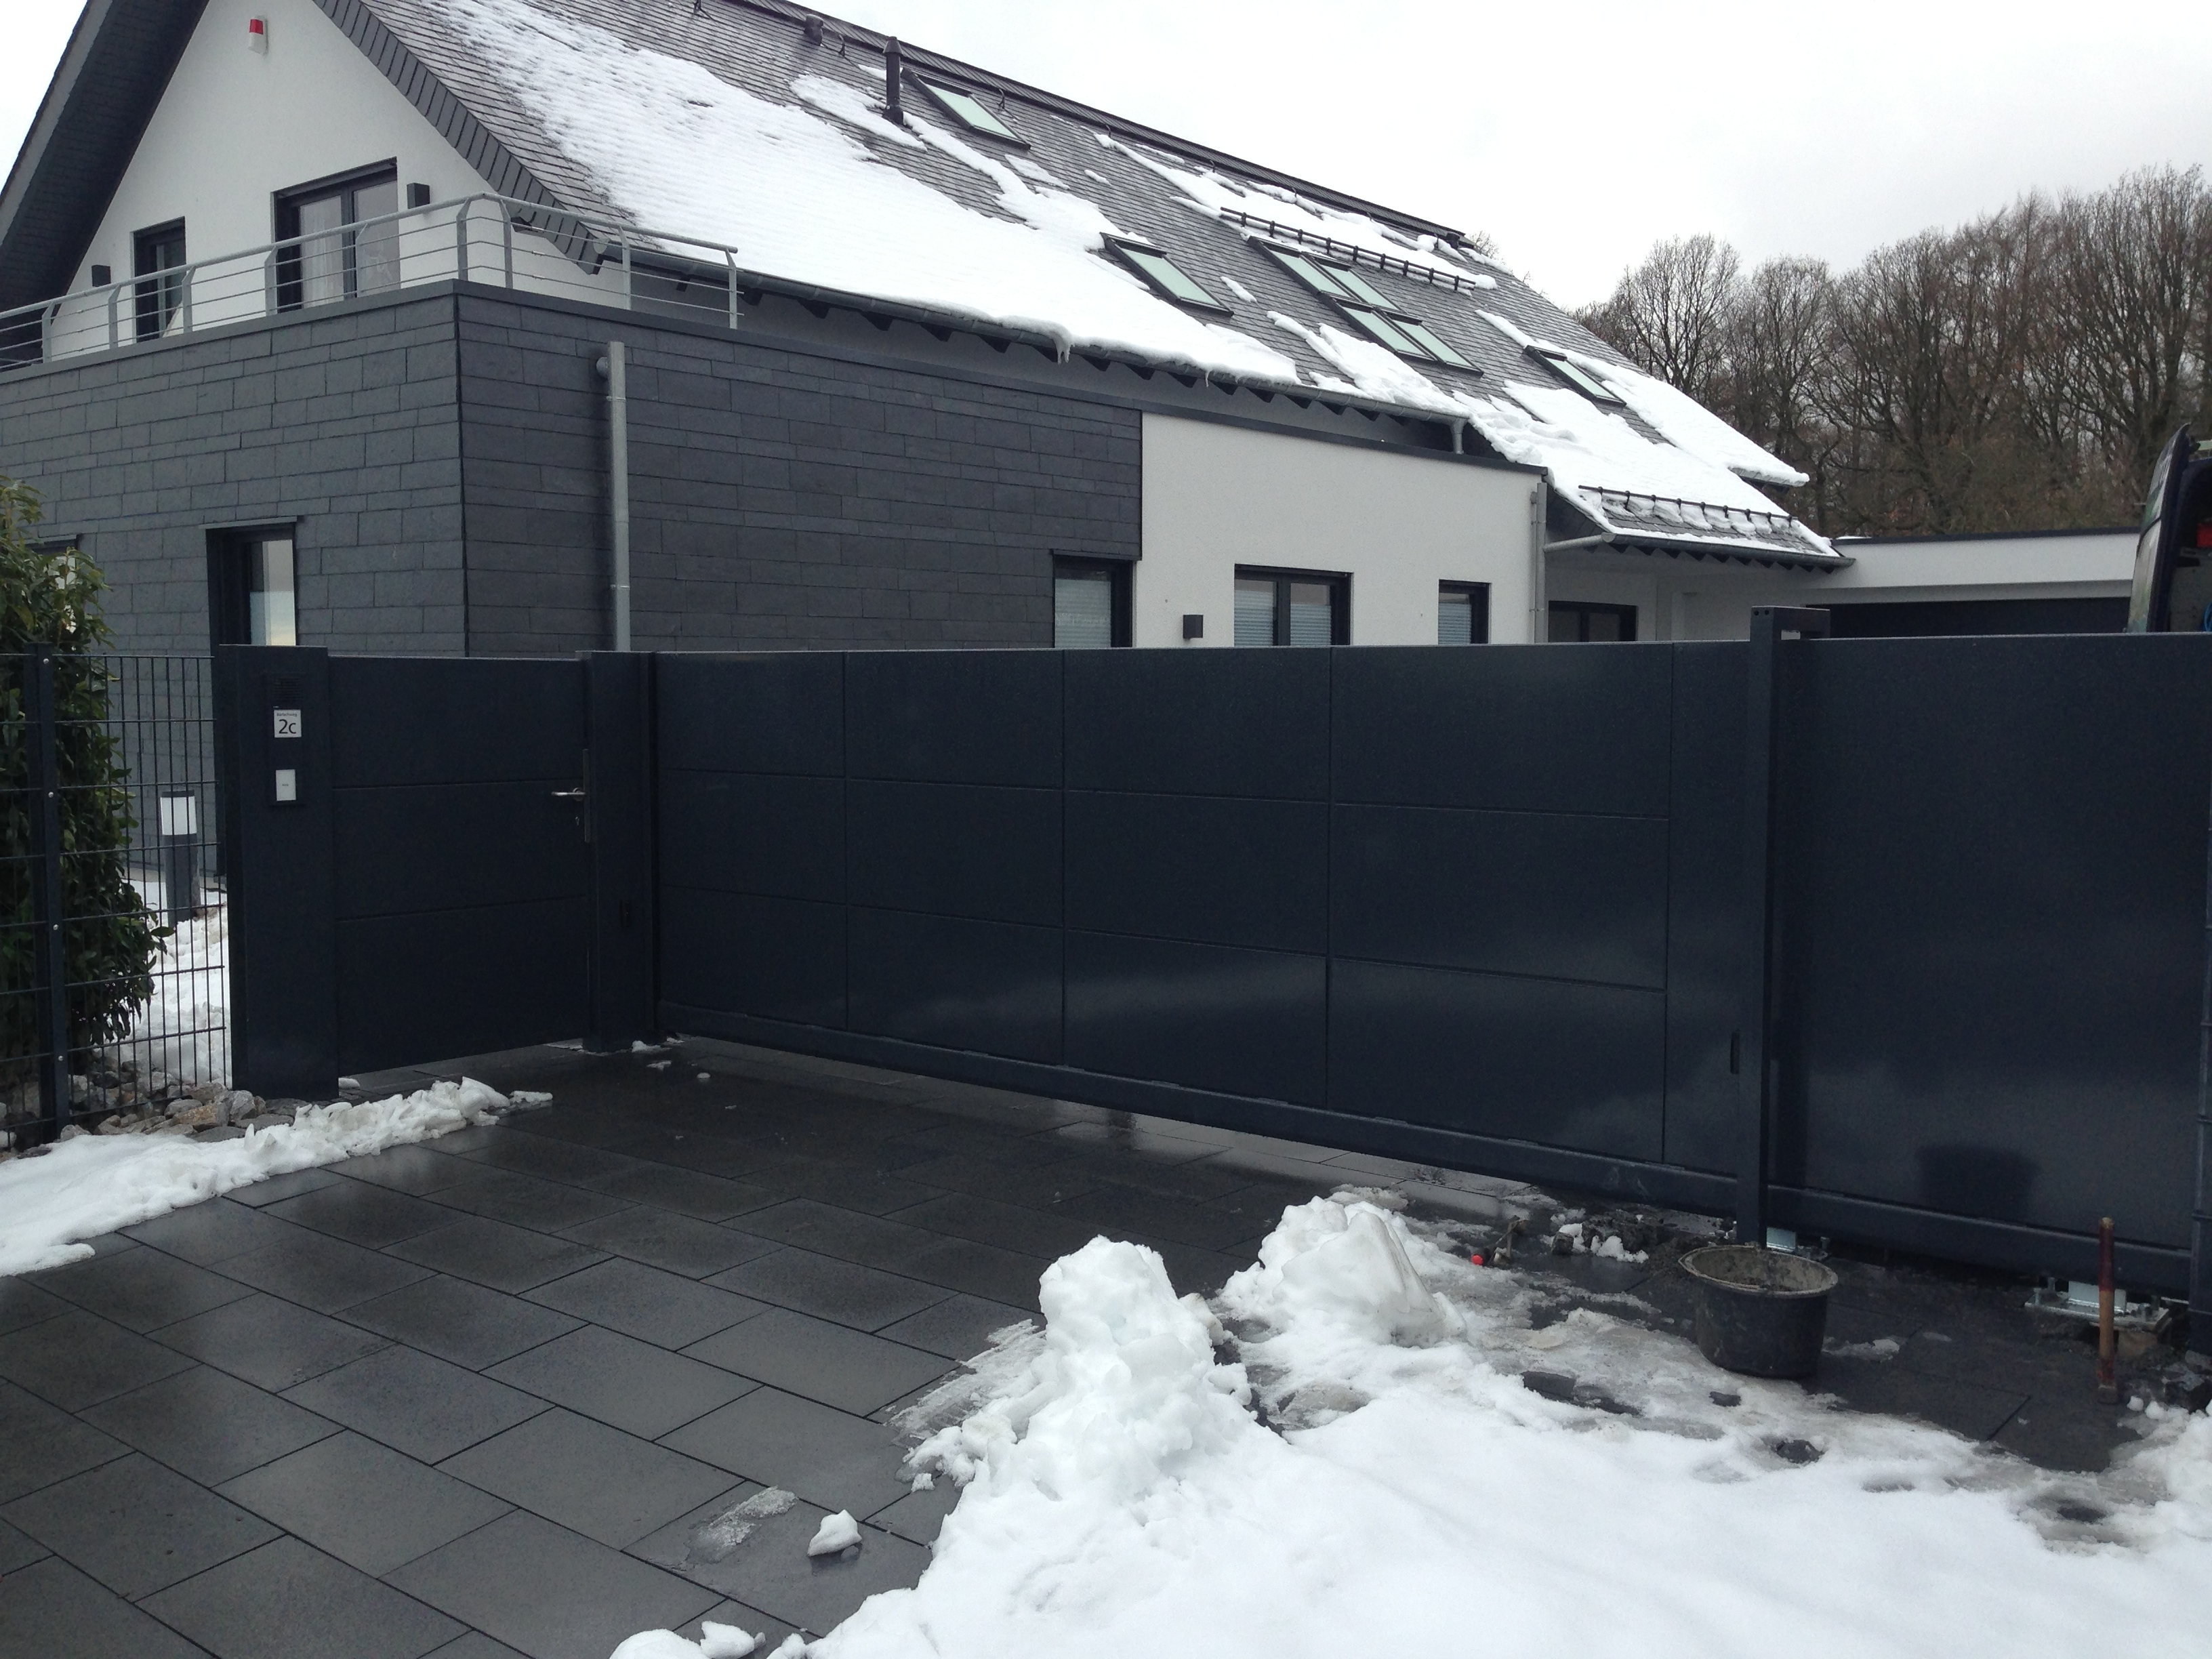 blau-metalbau-haan-gartenbau-schiebetor-motorisiert-toranlage-stahl-verzinkt-aussen